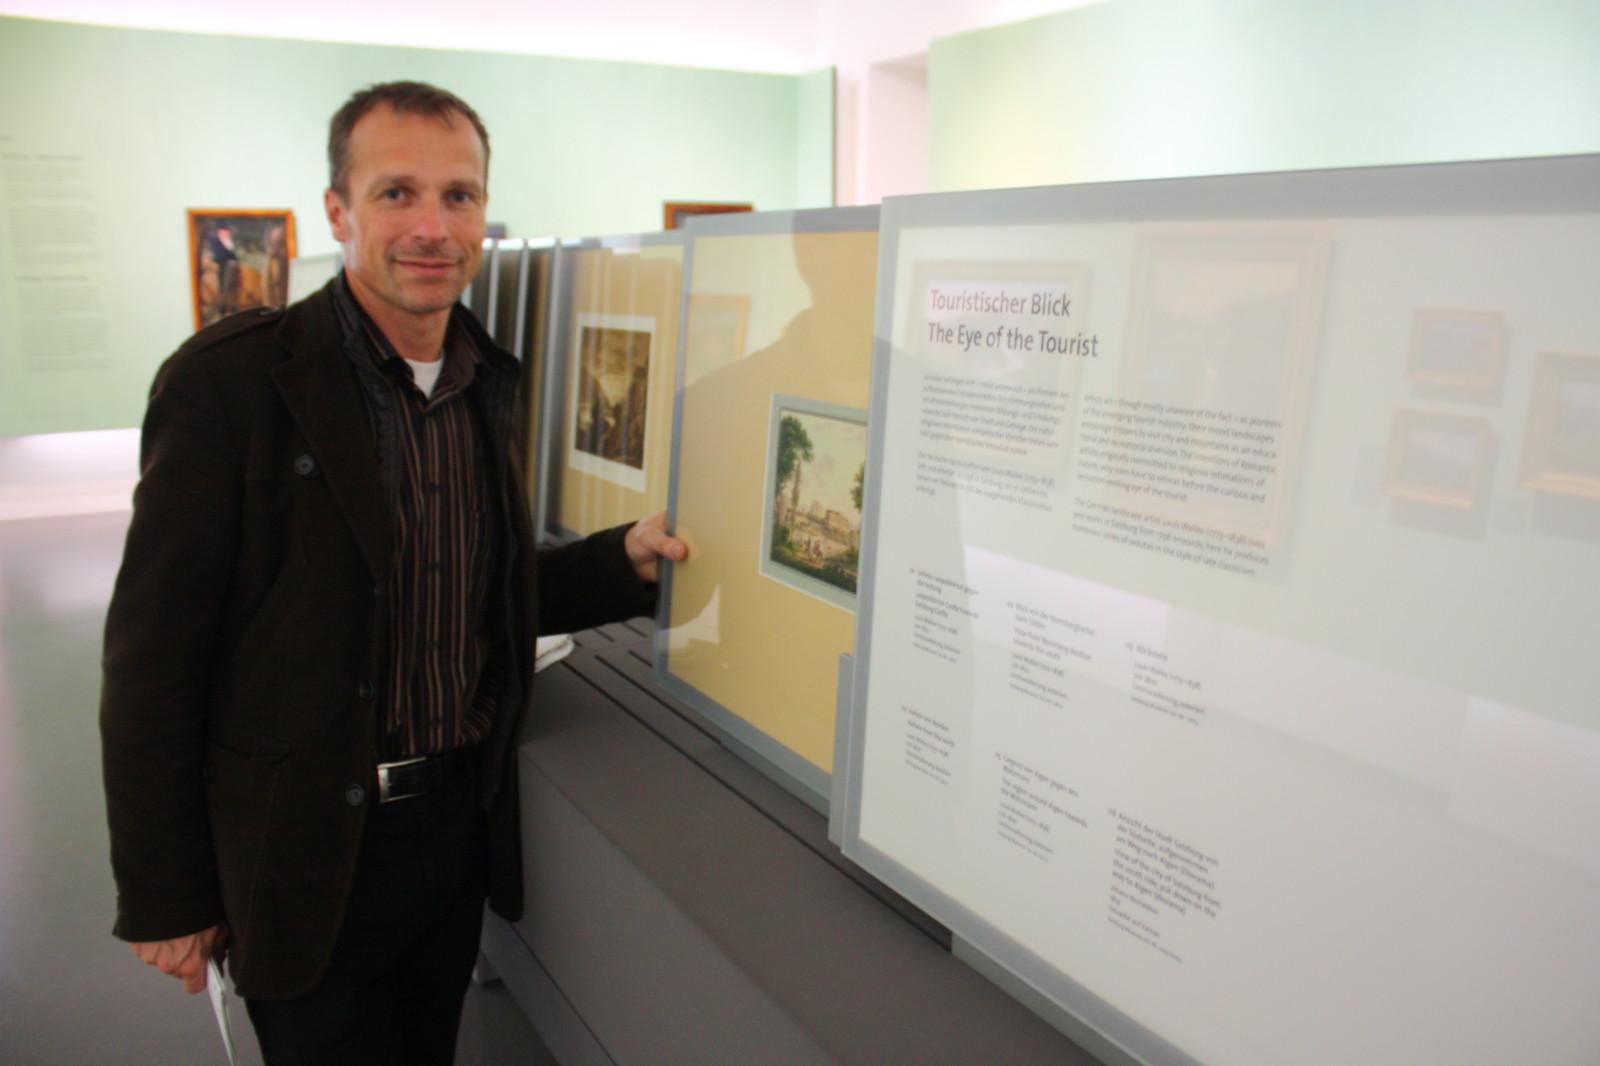 Museumsleiter Husty führt die informativen Schiebewände vor